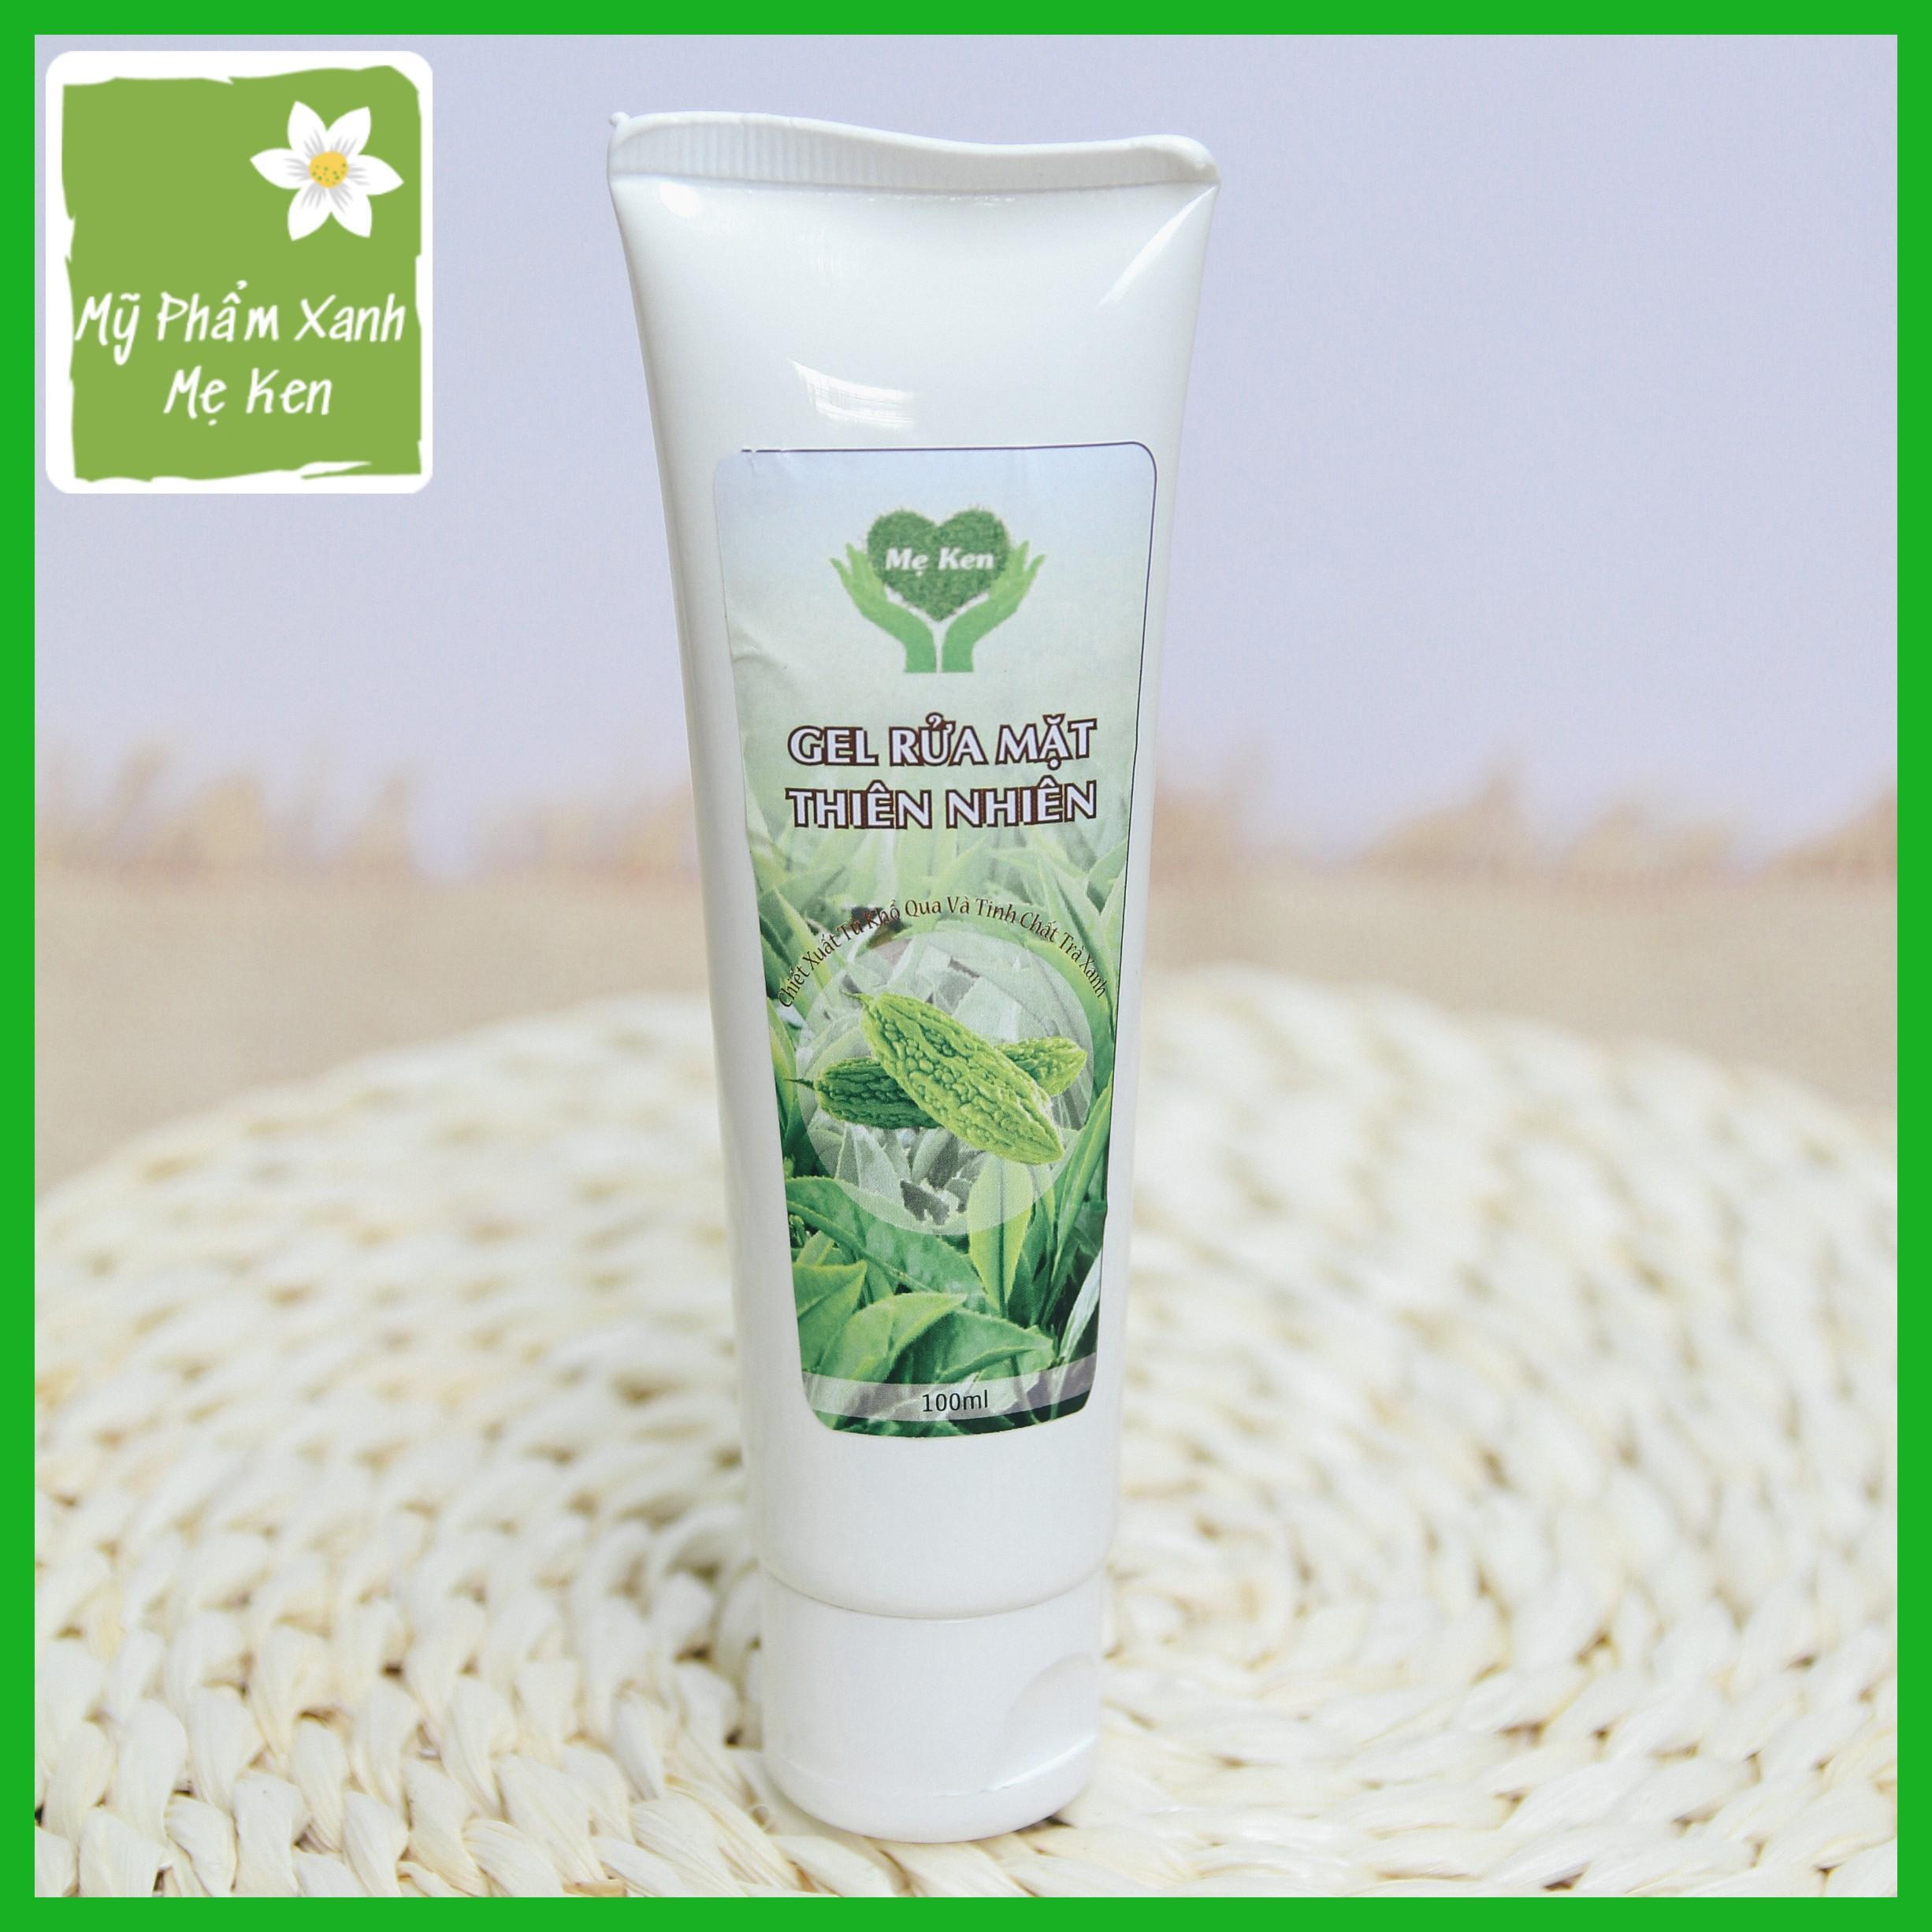 Sửa rửa mặt thảo mộc Mẹ Ken Làm sạch da, ngăn ngừa mụn, trị mụn, kiểm soát nhờn, se khít lỗ chân lông, da trắng sáng, mịn màng, dùng được cho da mụn và da nhạy cảm -  Tuýt 100ml cao cấp